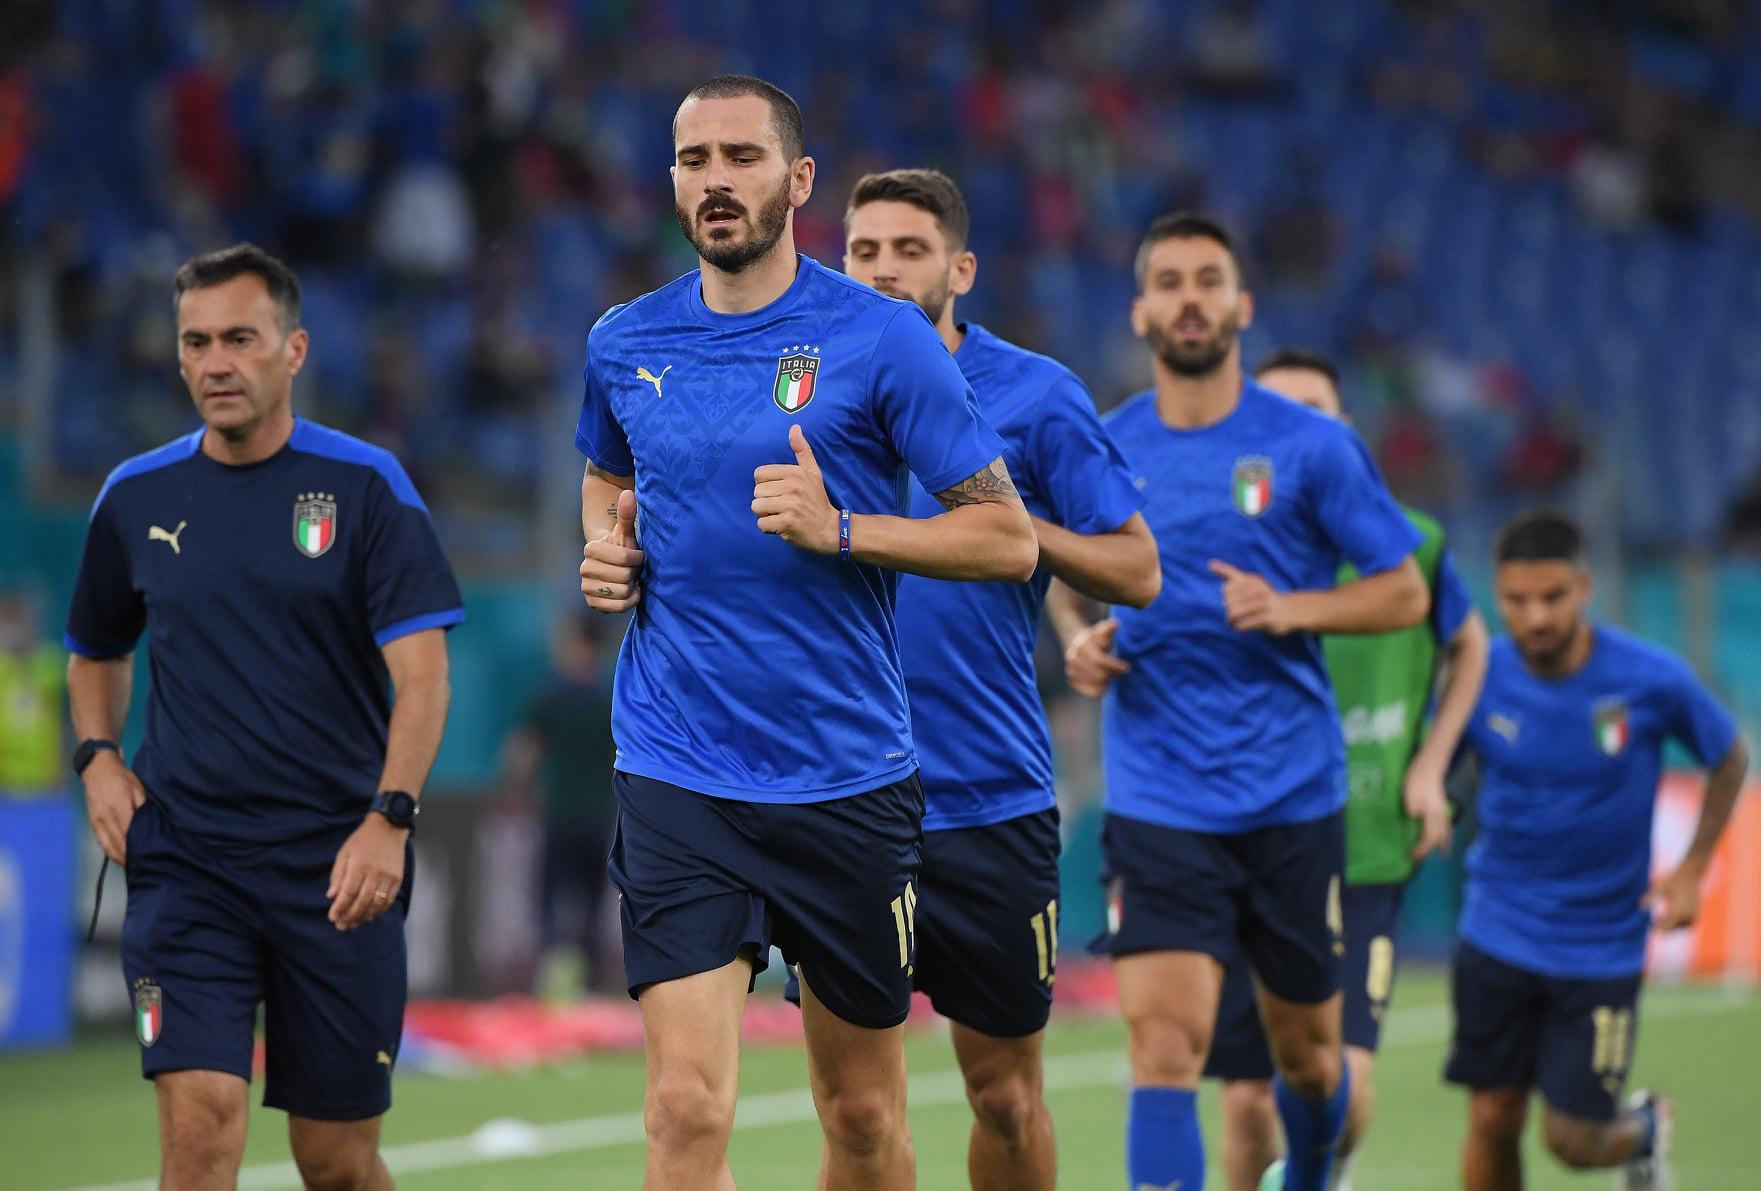 nazionale_calcio_italia